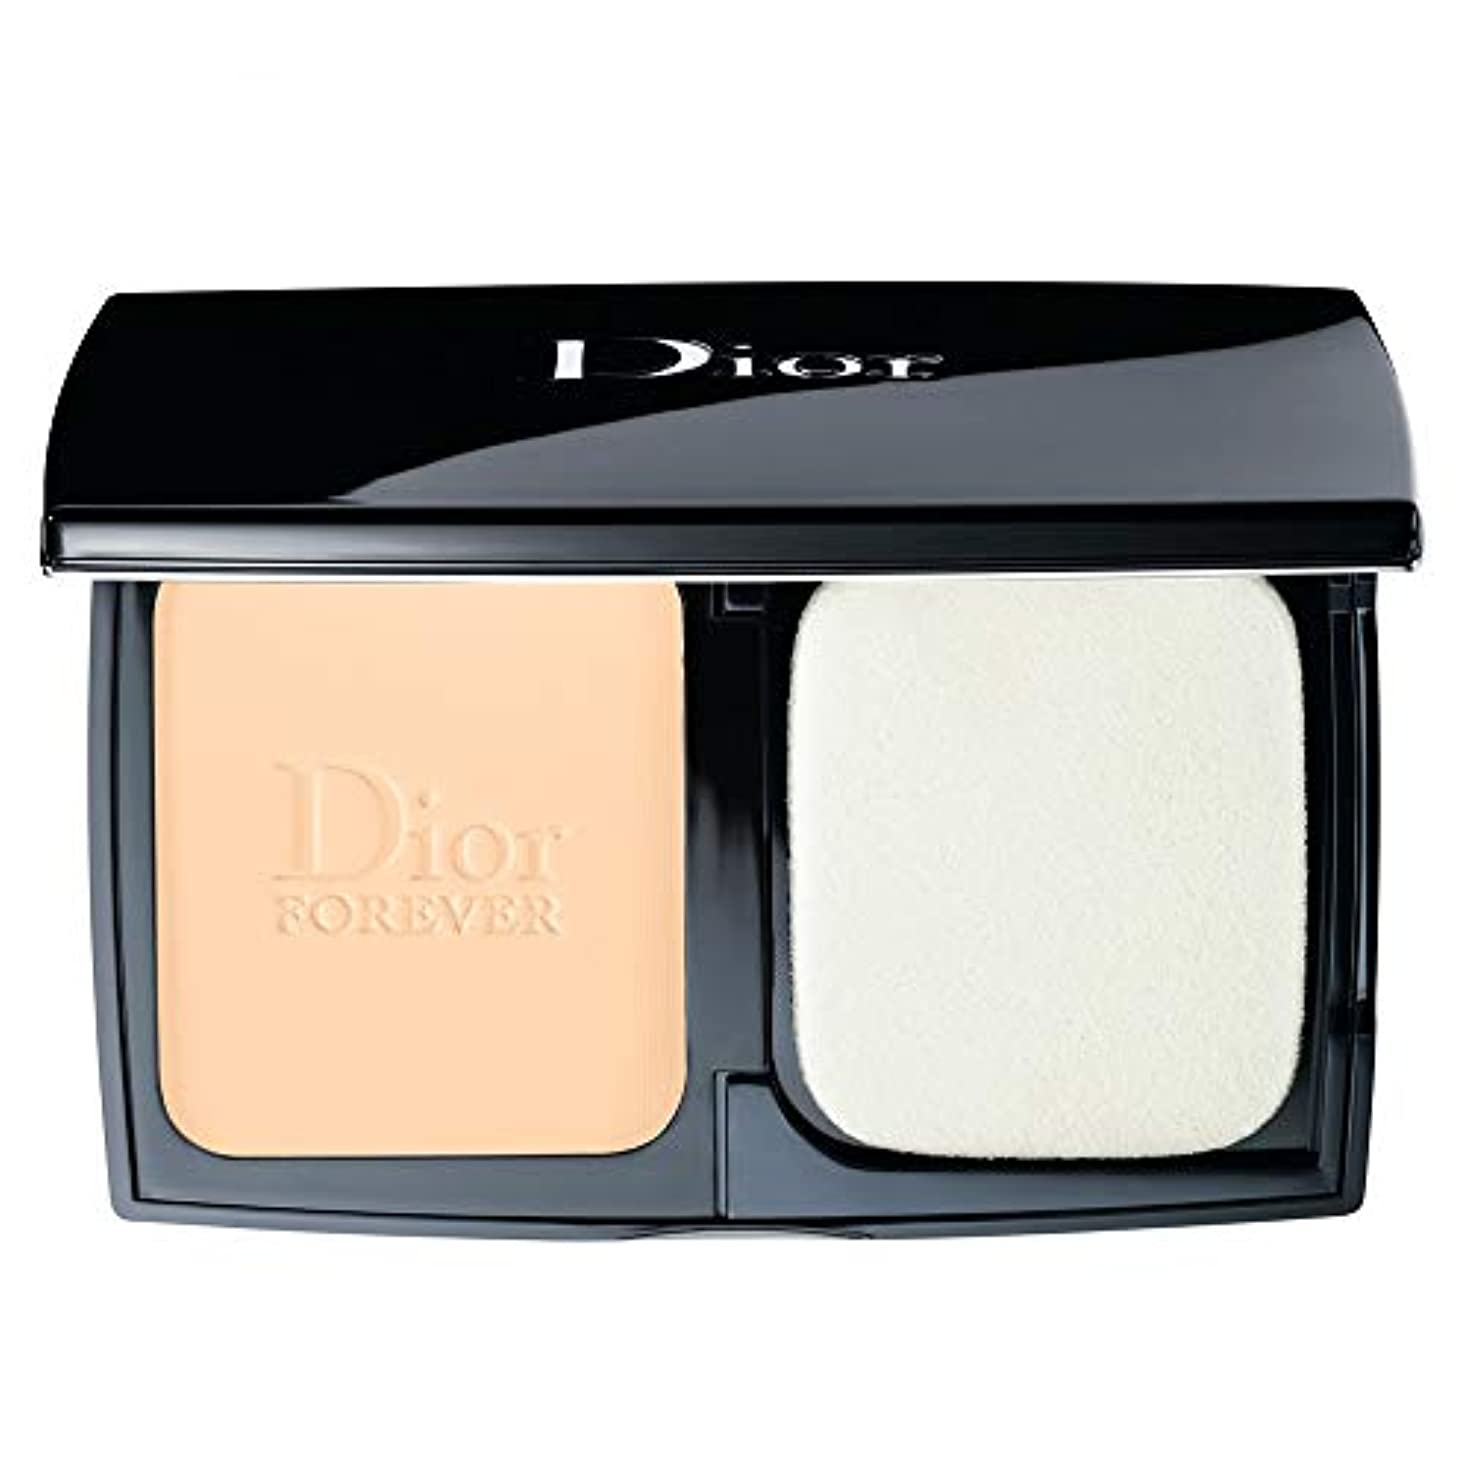 下位安定した花瓶クリスチャンディオール Diorskin Forever Extreme Control Perfect Matte Powder Makeup SPF 20 - # 010 Ivory 9g/0.31oz並行輸入品